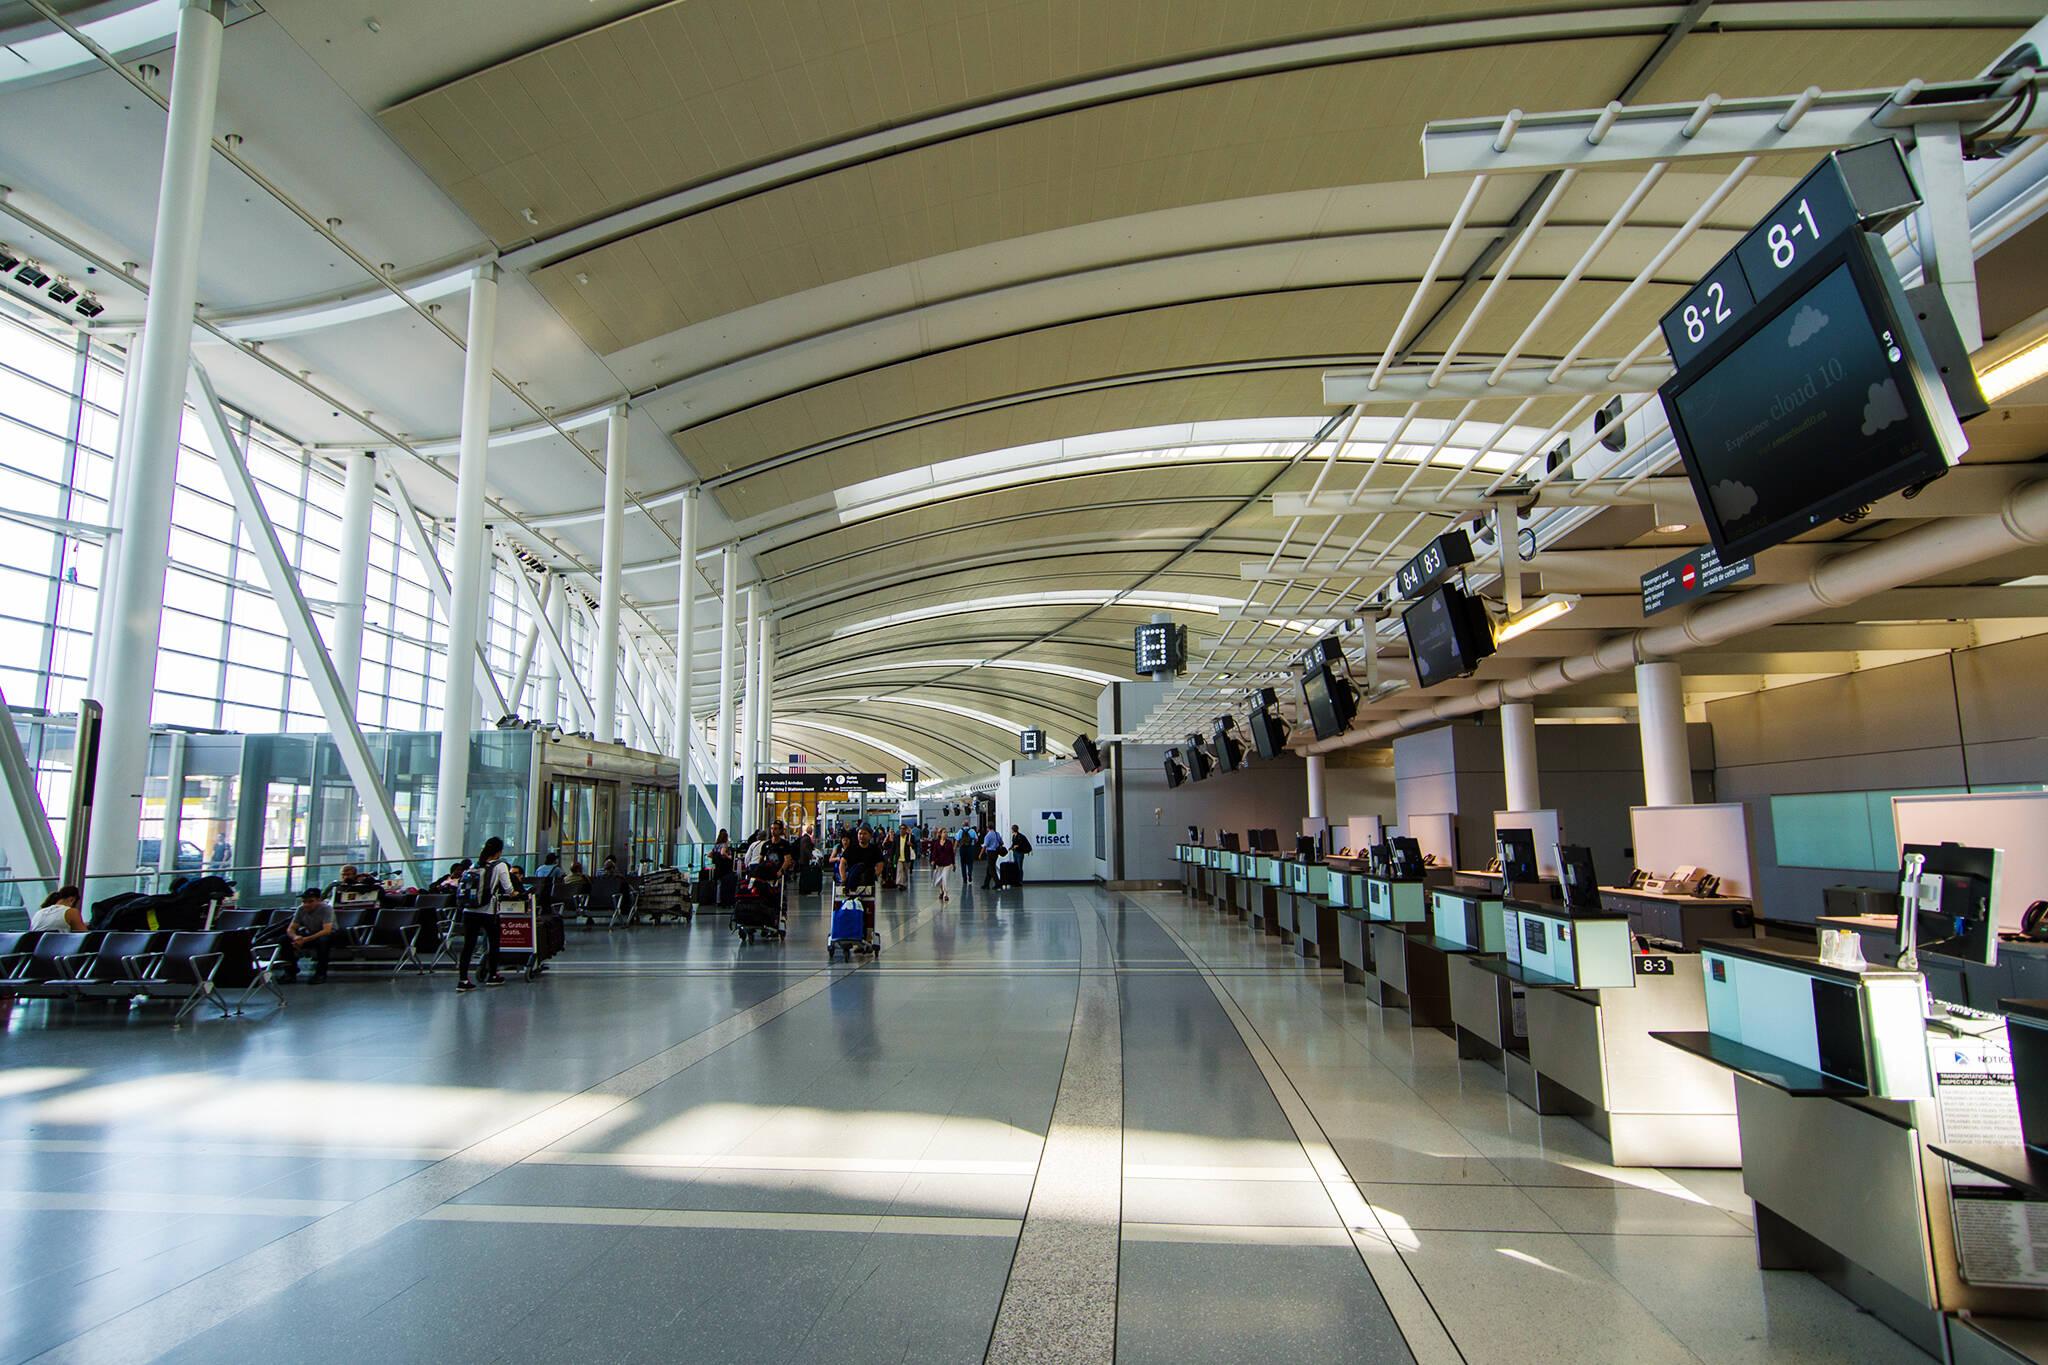 Pre-pandemic, Mumbai-Dubai return fare began at INR 26,000 (AED 1,298) for a round trip.